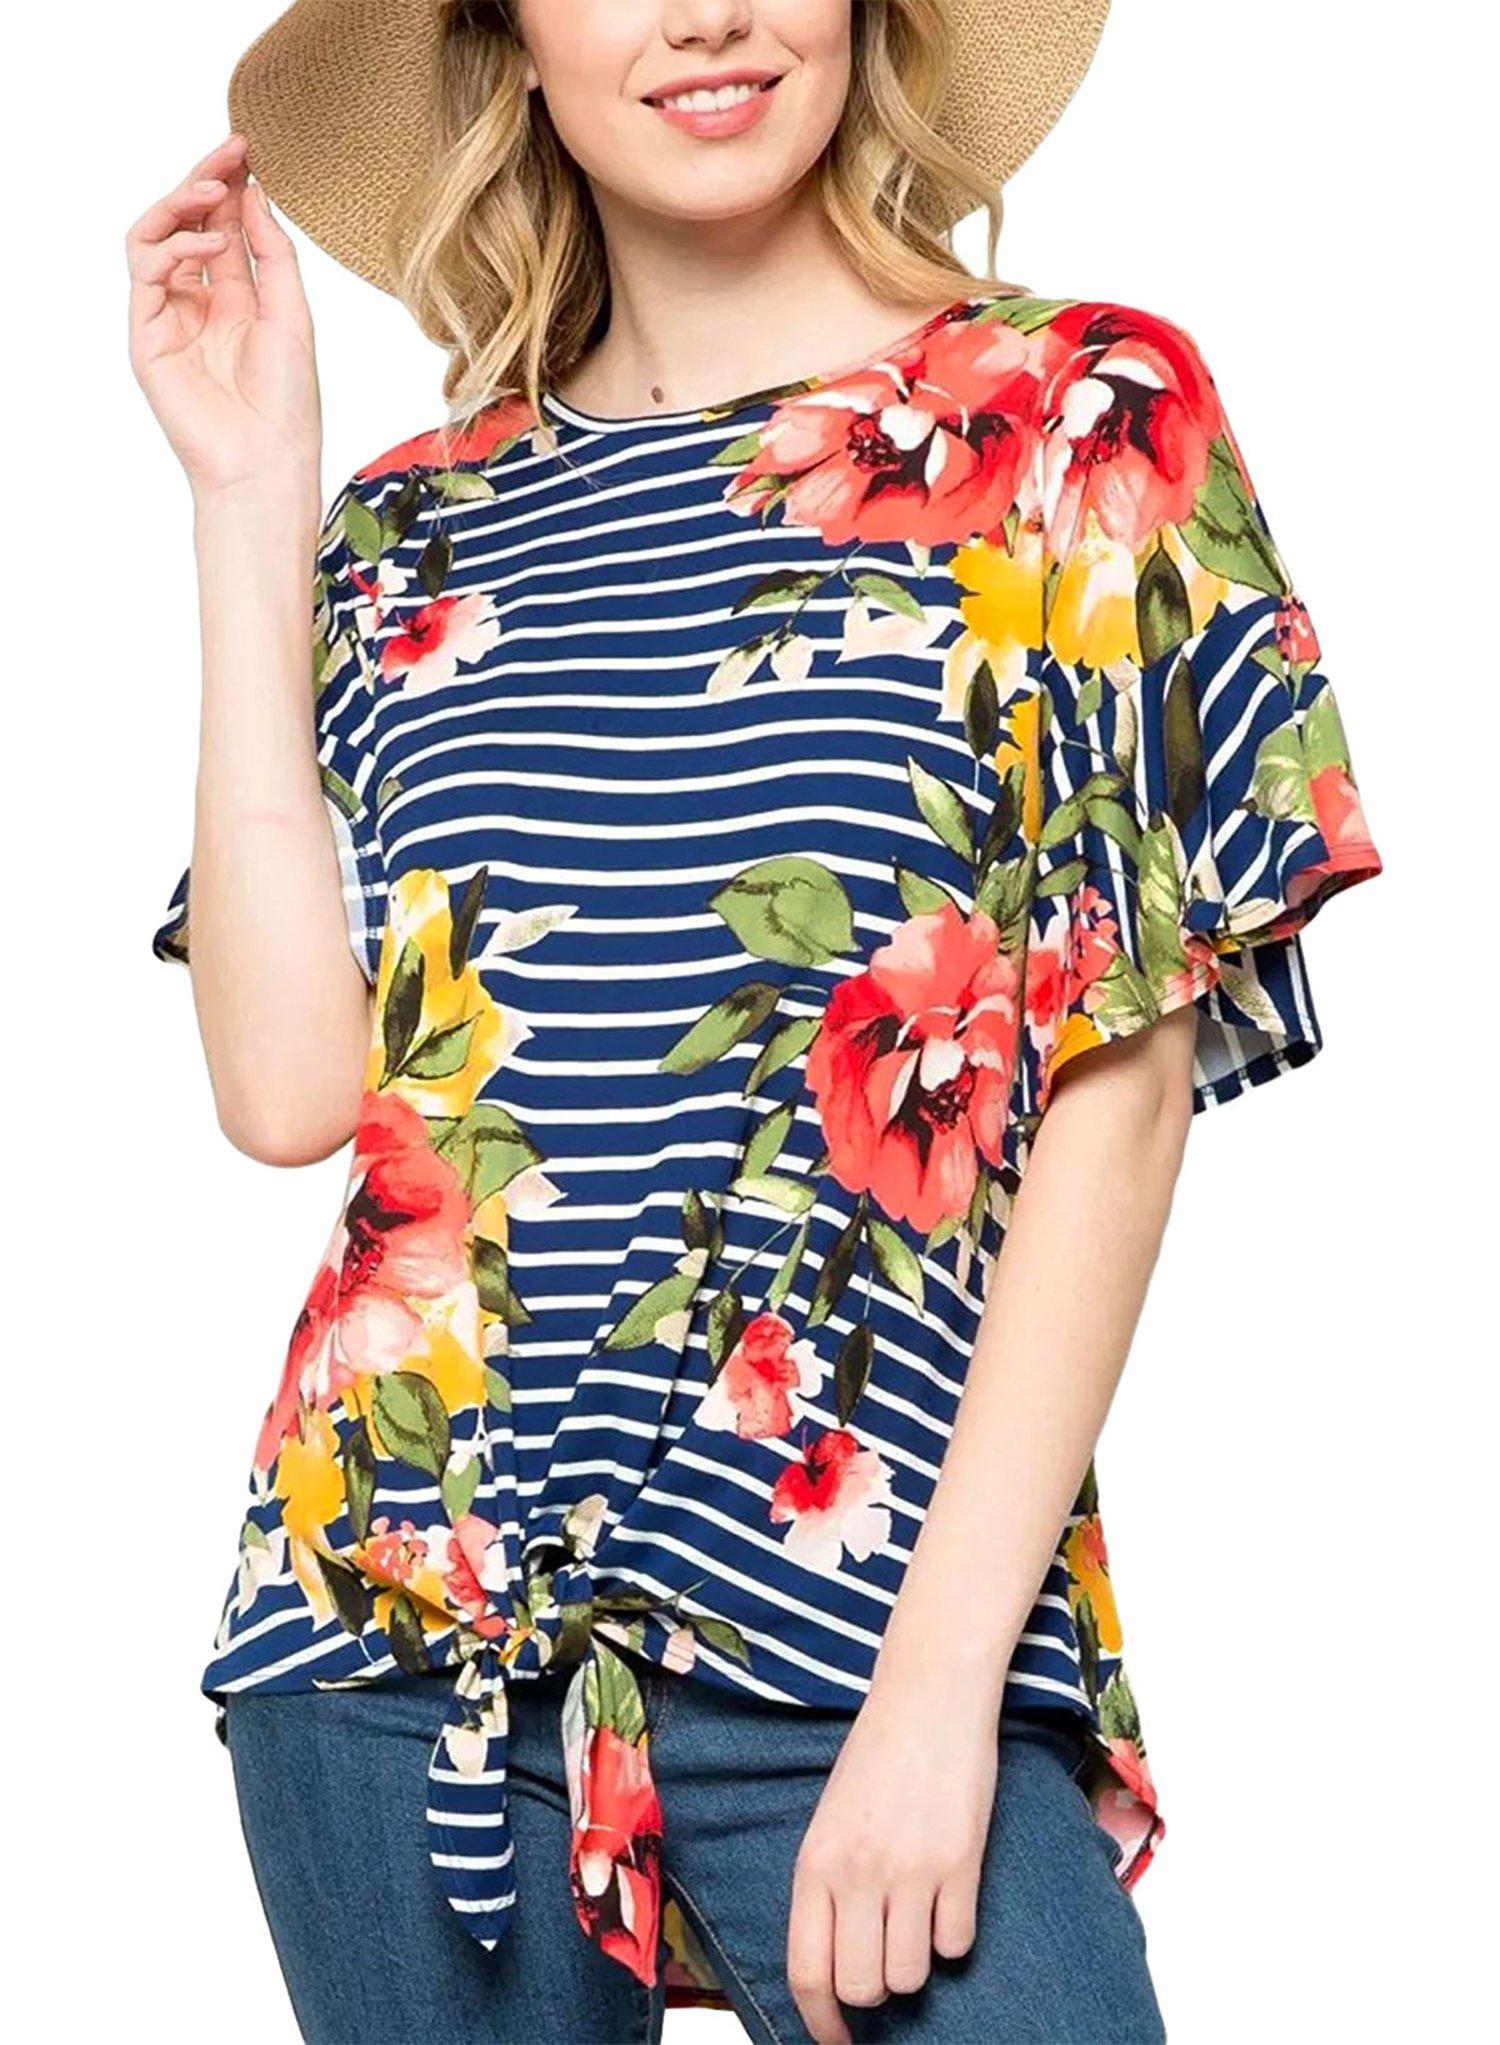 ZEAMO Women Fashion Casual Stripe Juniors Tops Shirts (X-Large, Navy Blue)